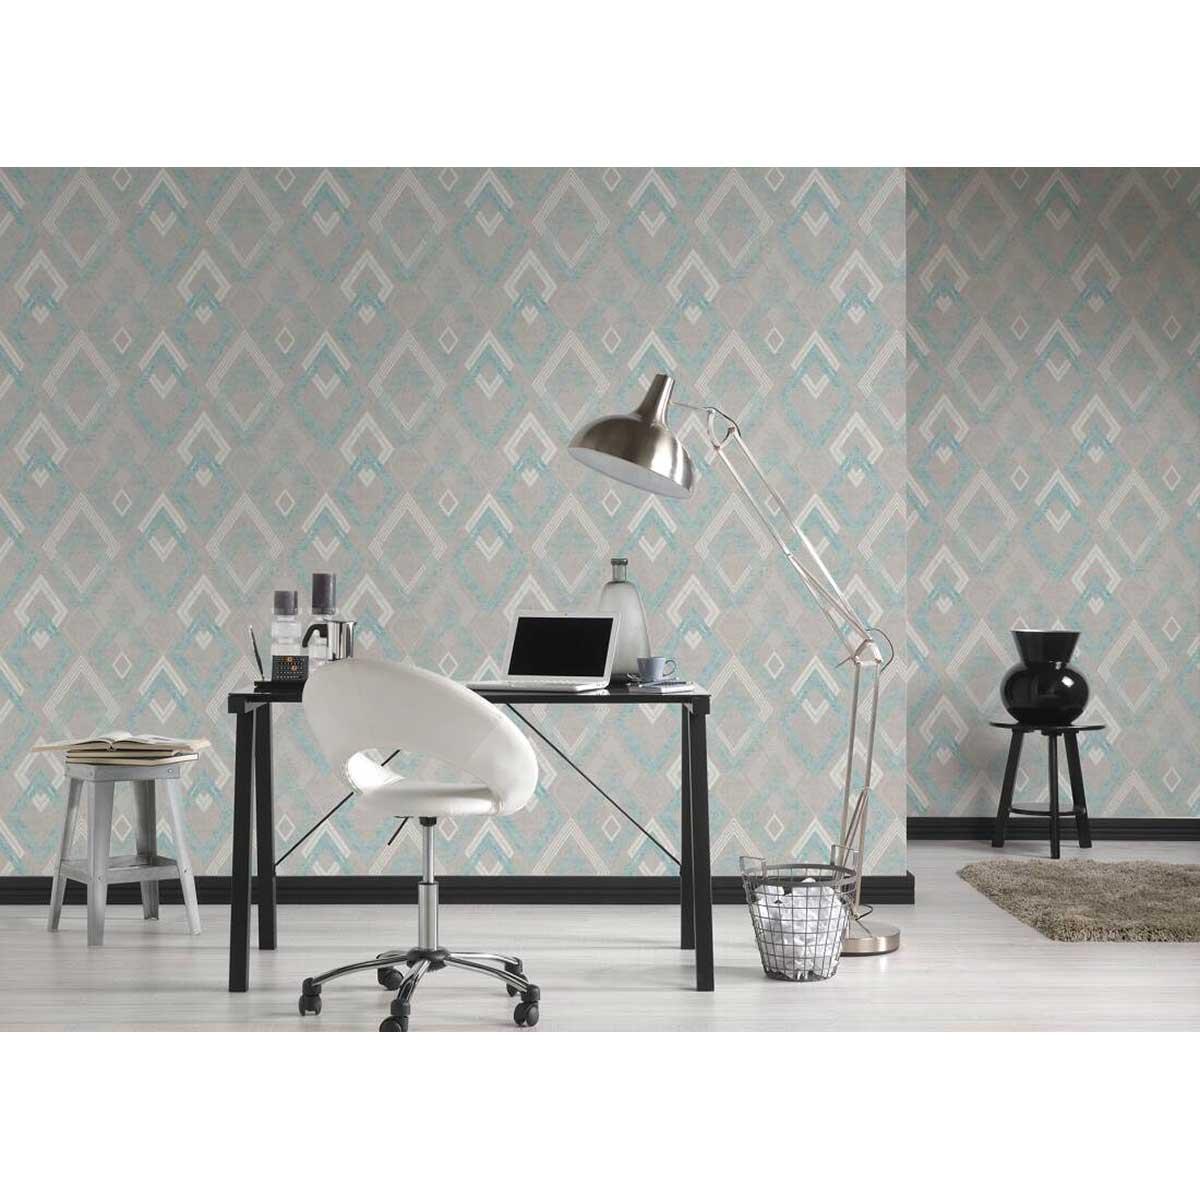 Papier peint à impressions géométriques grecques - Gris Bleu - 10 ml x 0,53 m